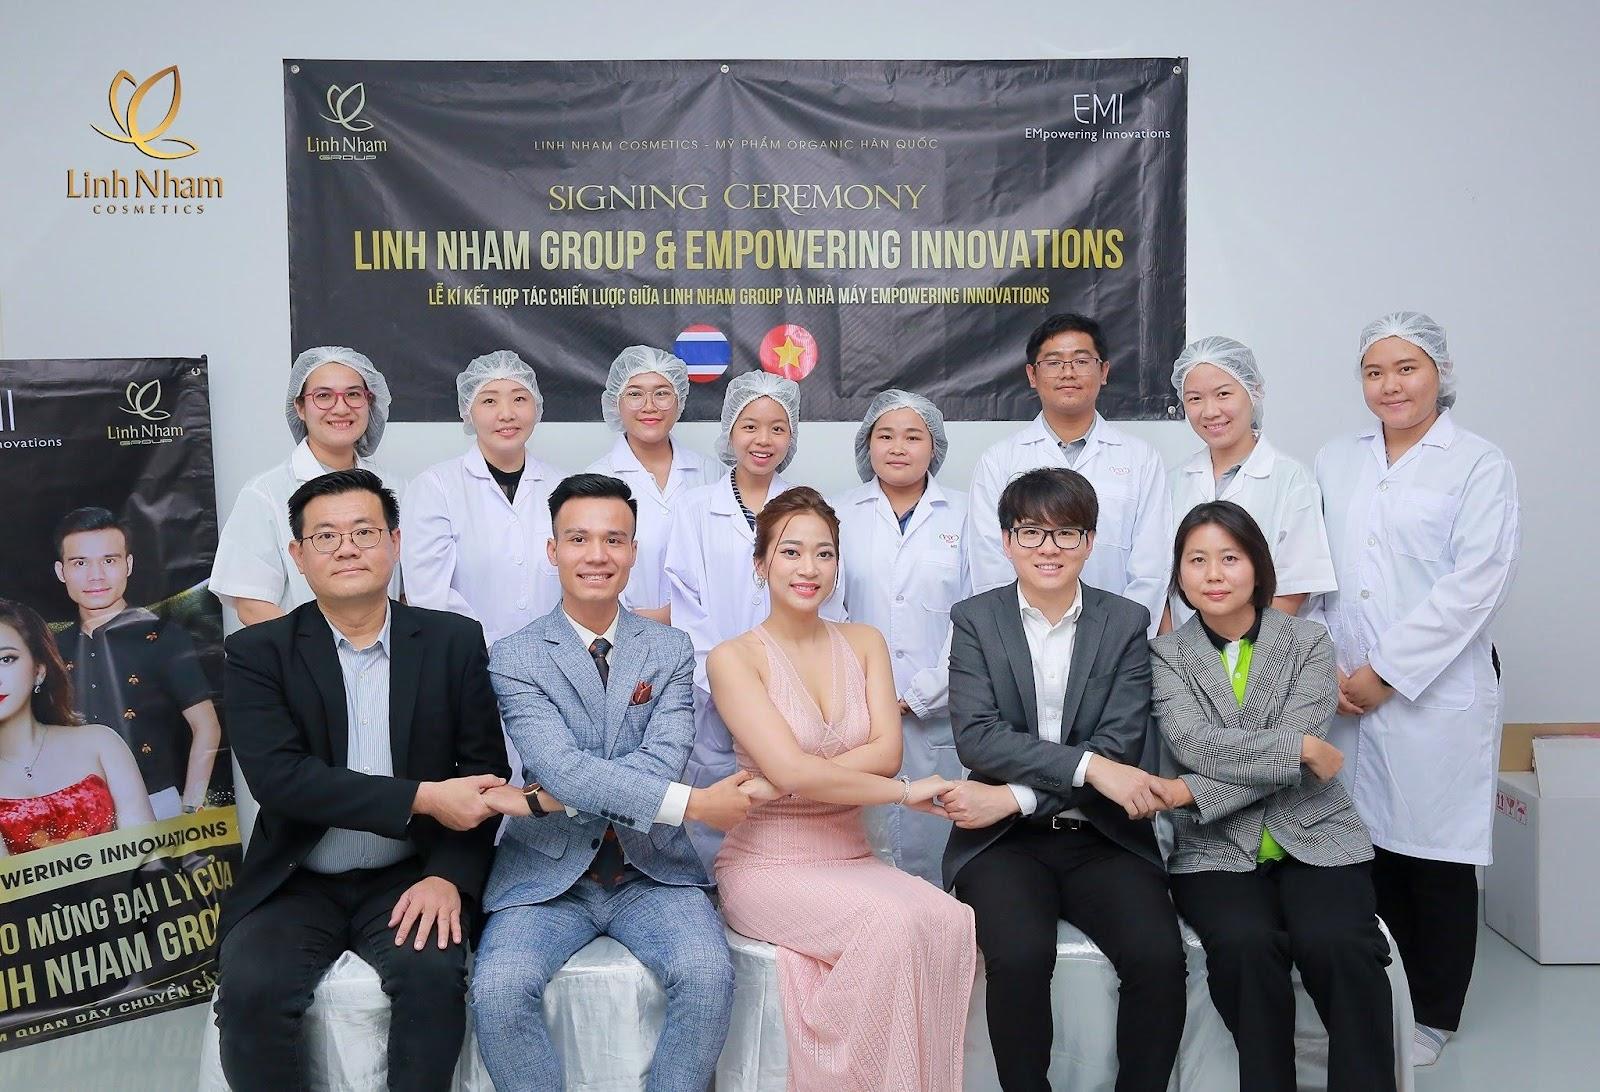 Linh Nham Group – Nhà tài trợ Kim cương tại Hội nghị sức khỏe sắc đẹp toàn diện và xu hướng ngành làm đẹp 2021 - Ảnh 3